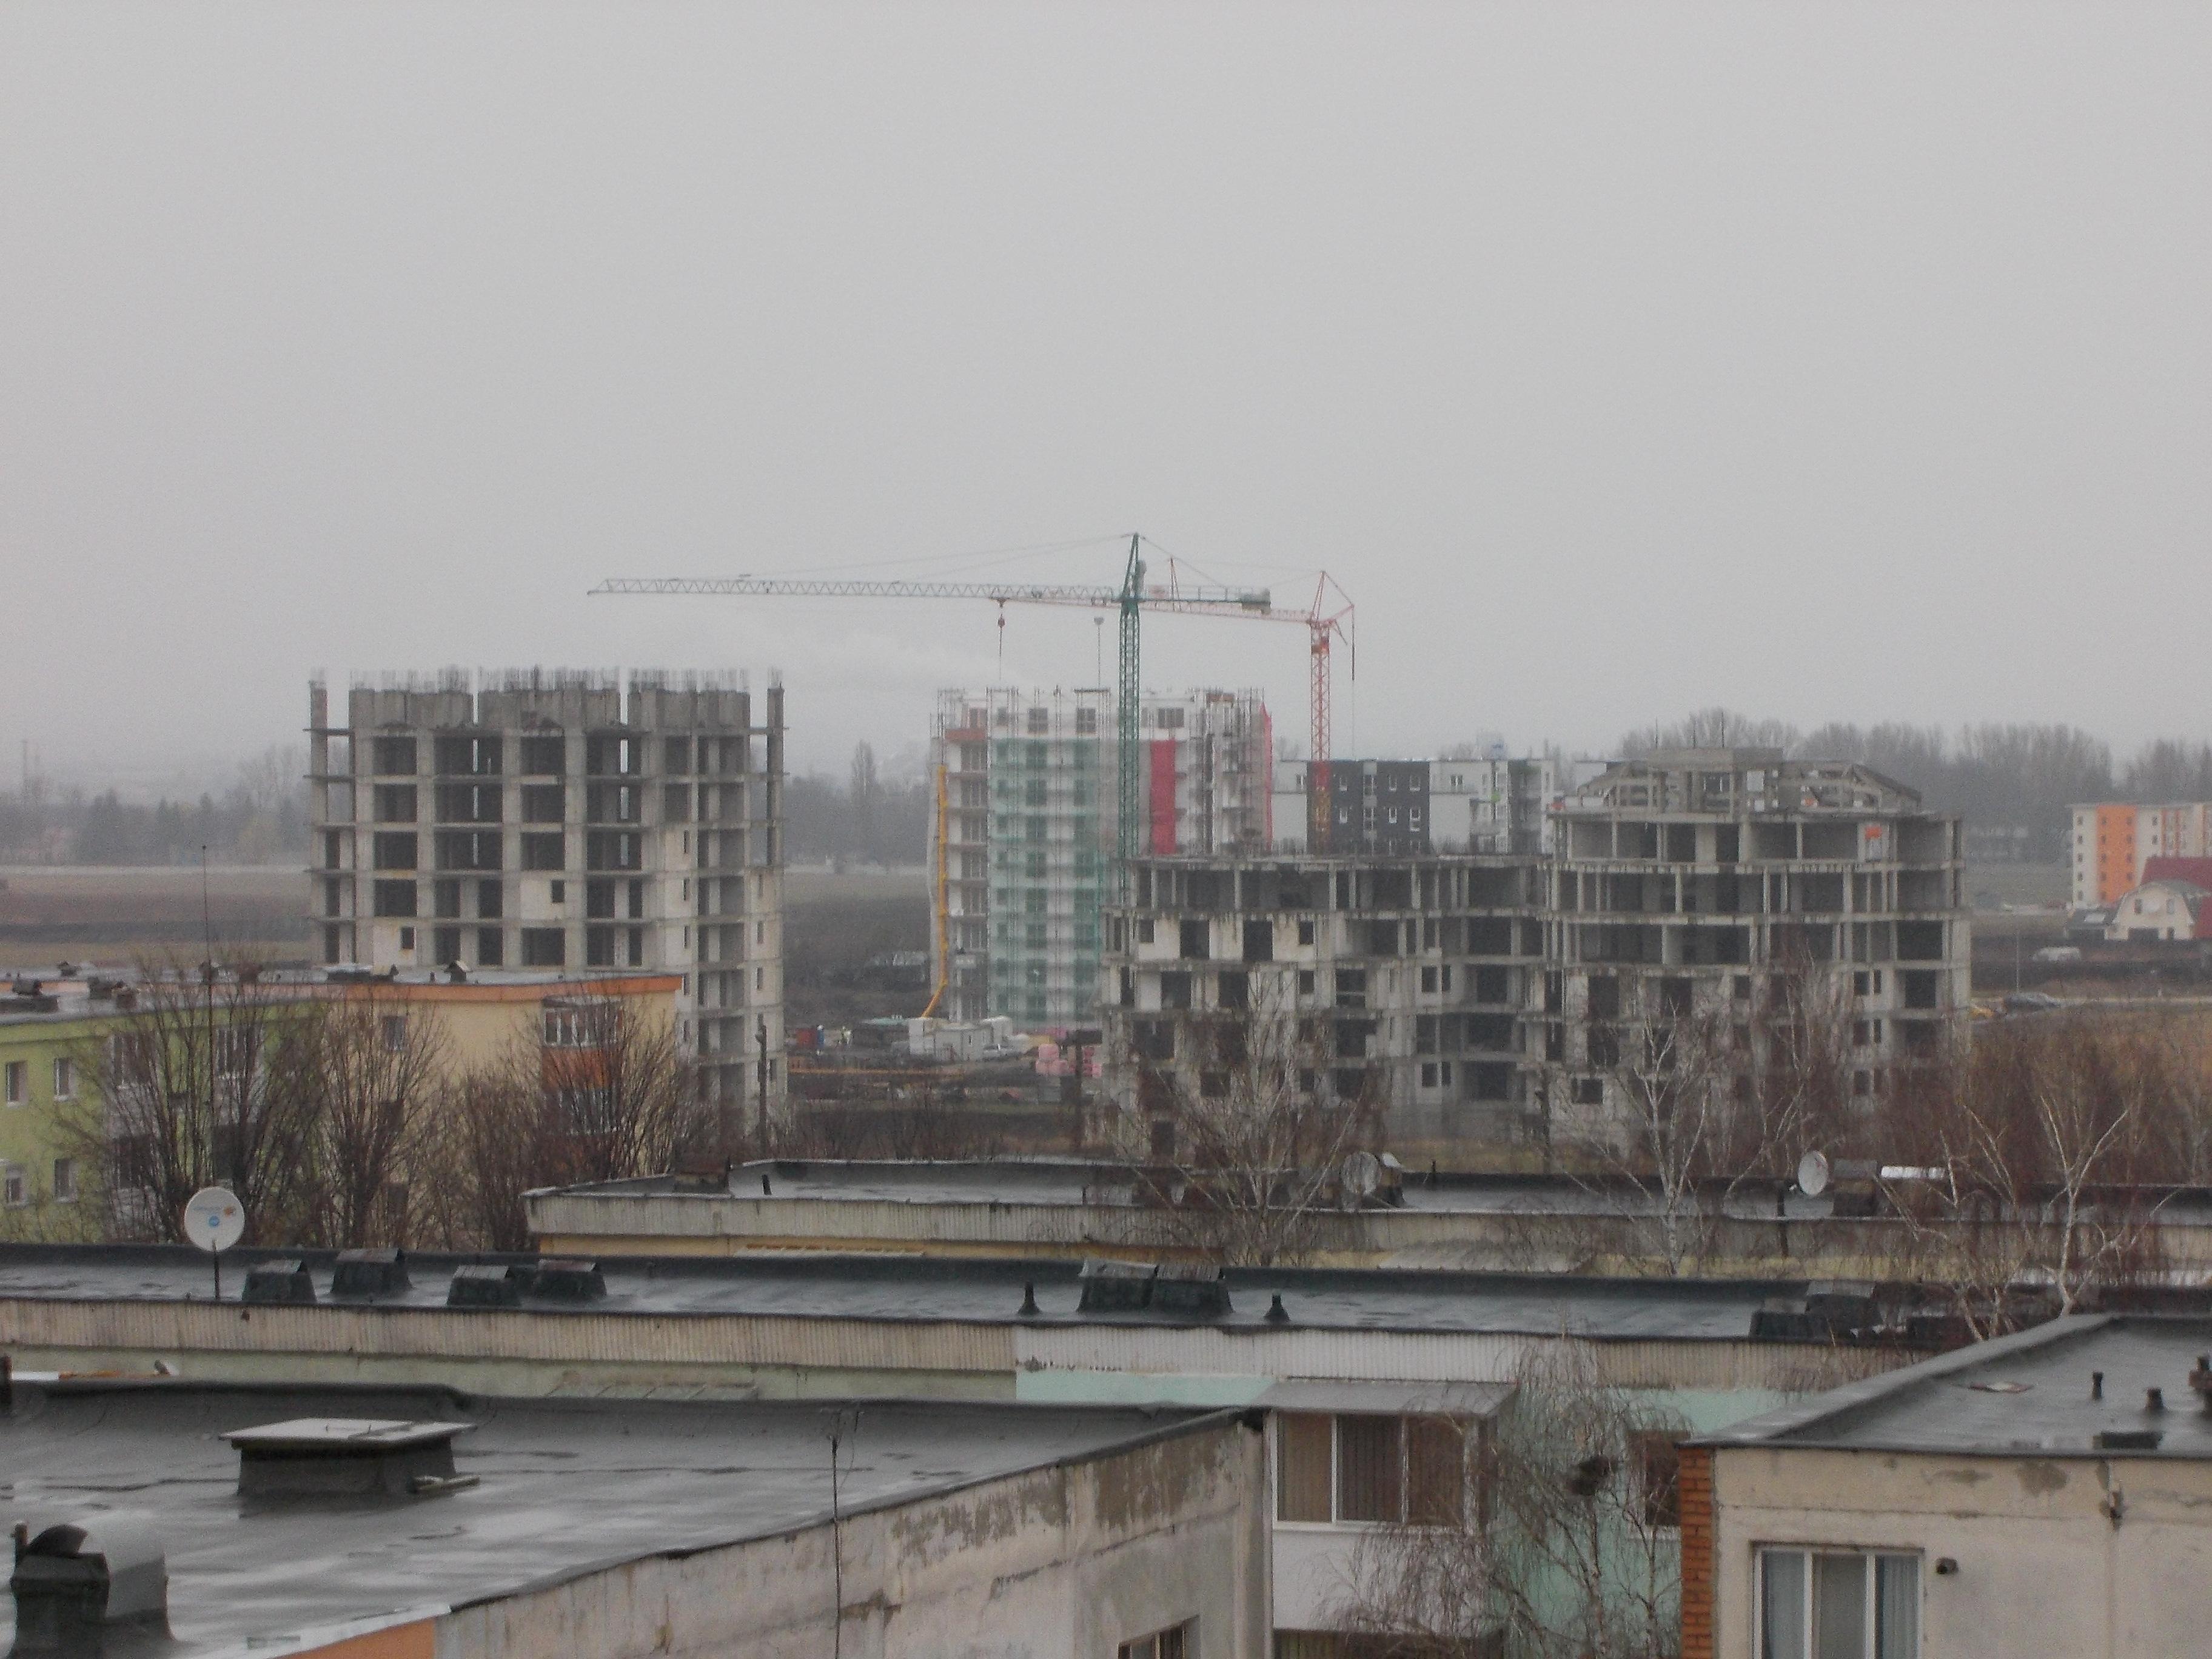 Prețurile locuințelor ar putea crește cu 15% anul acesta, după ce materialele de construcții s-au scumpit cu 20%